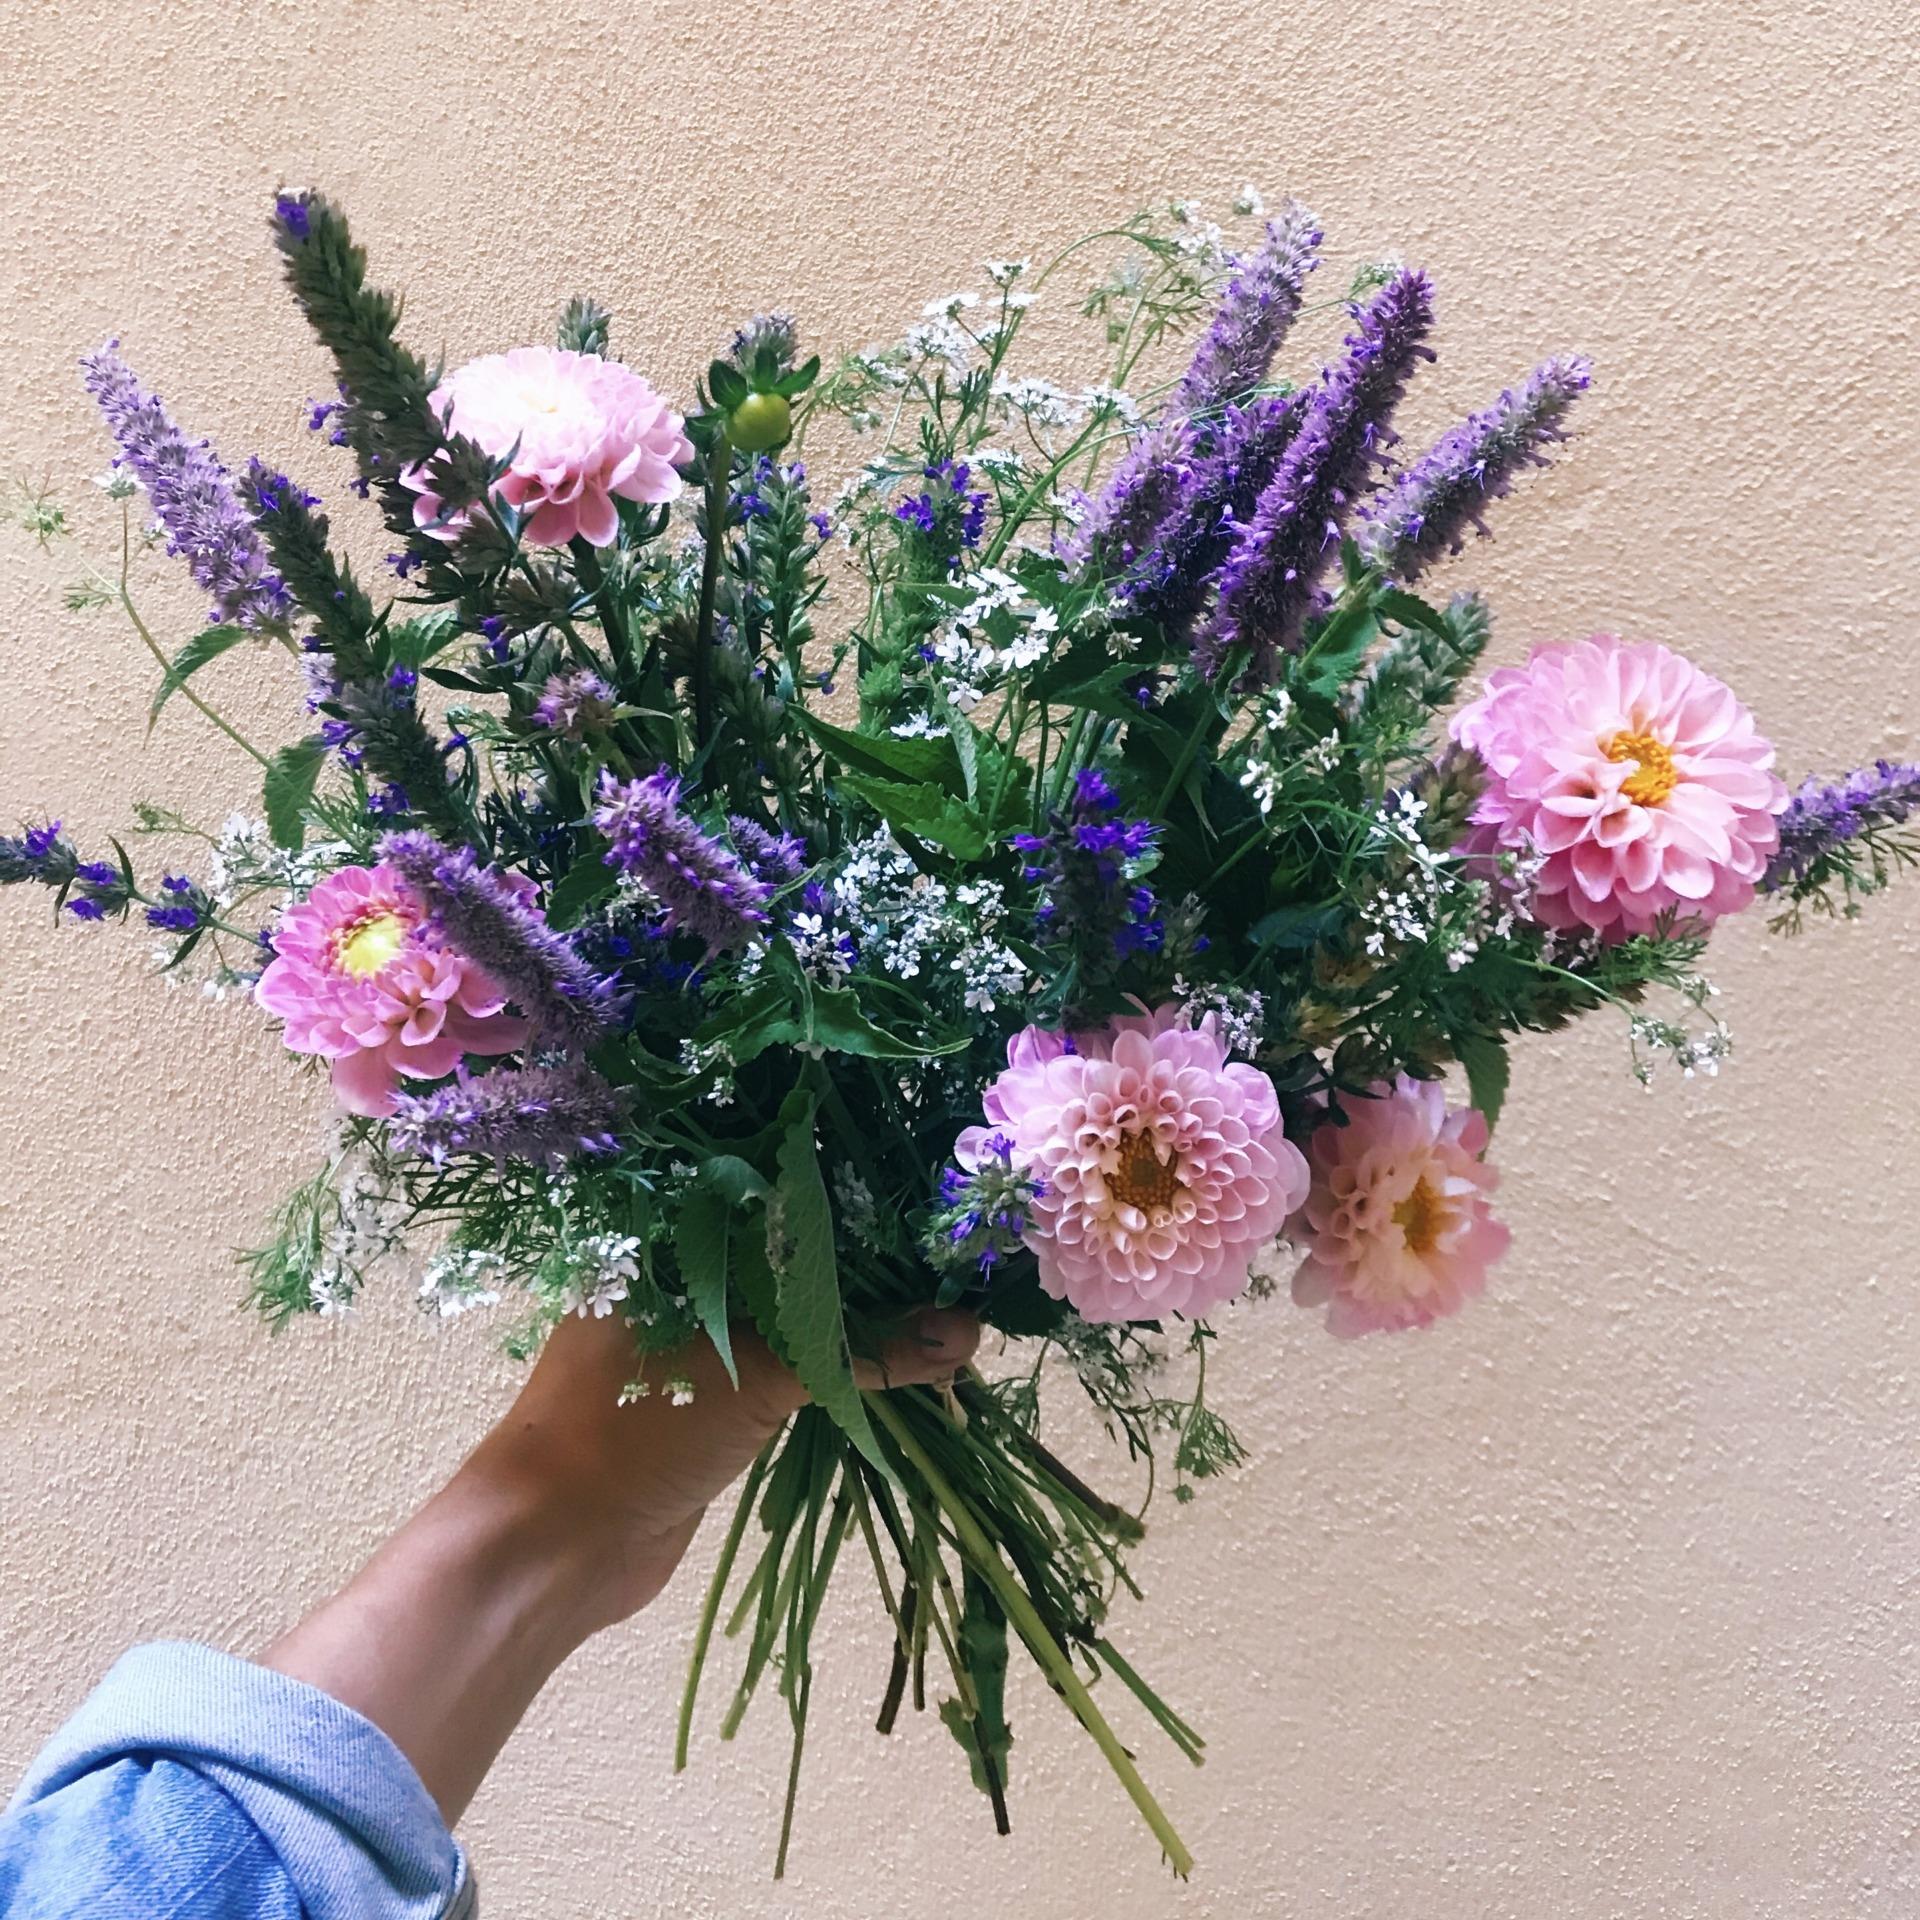 Anaïs, fleuriste à Lyon est de dos tirant un chariot rempli de fleurs locales et de fleurs comestibles qu'elle a cueilli elle-même.